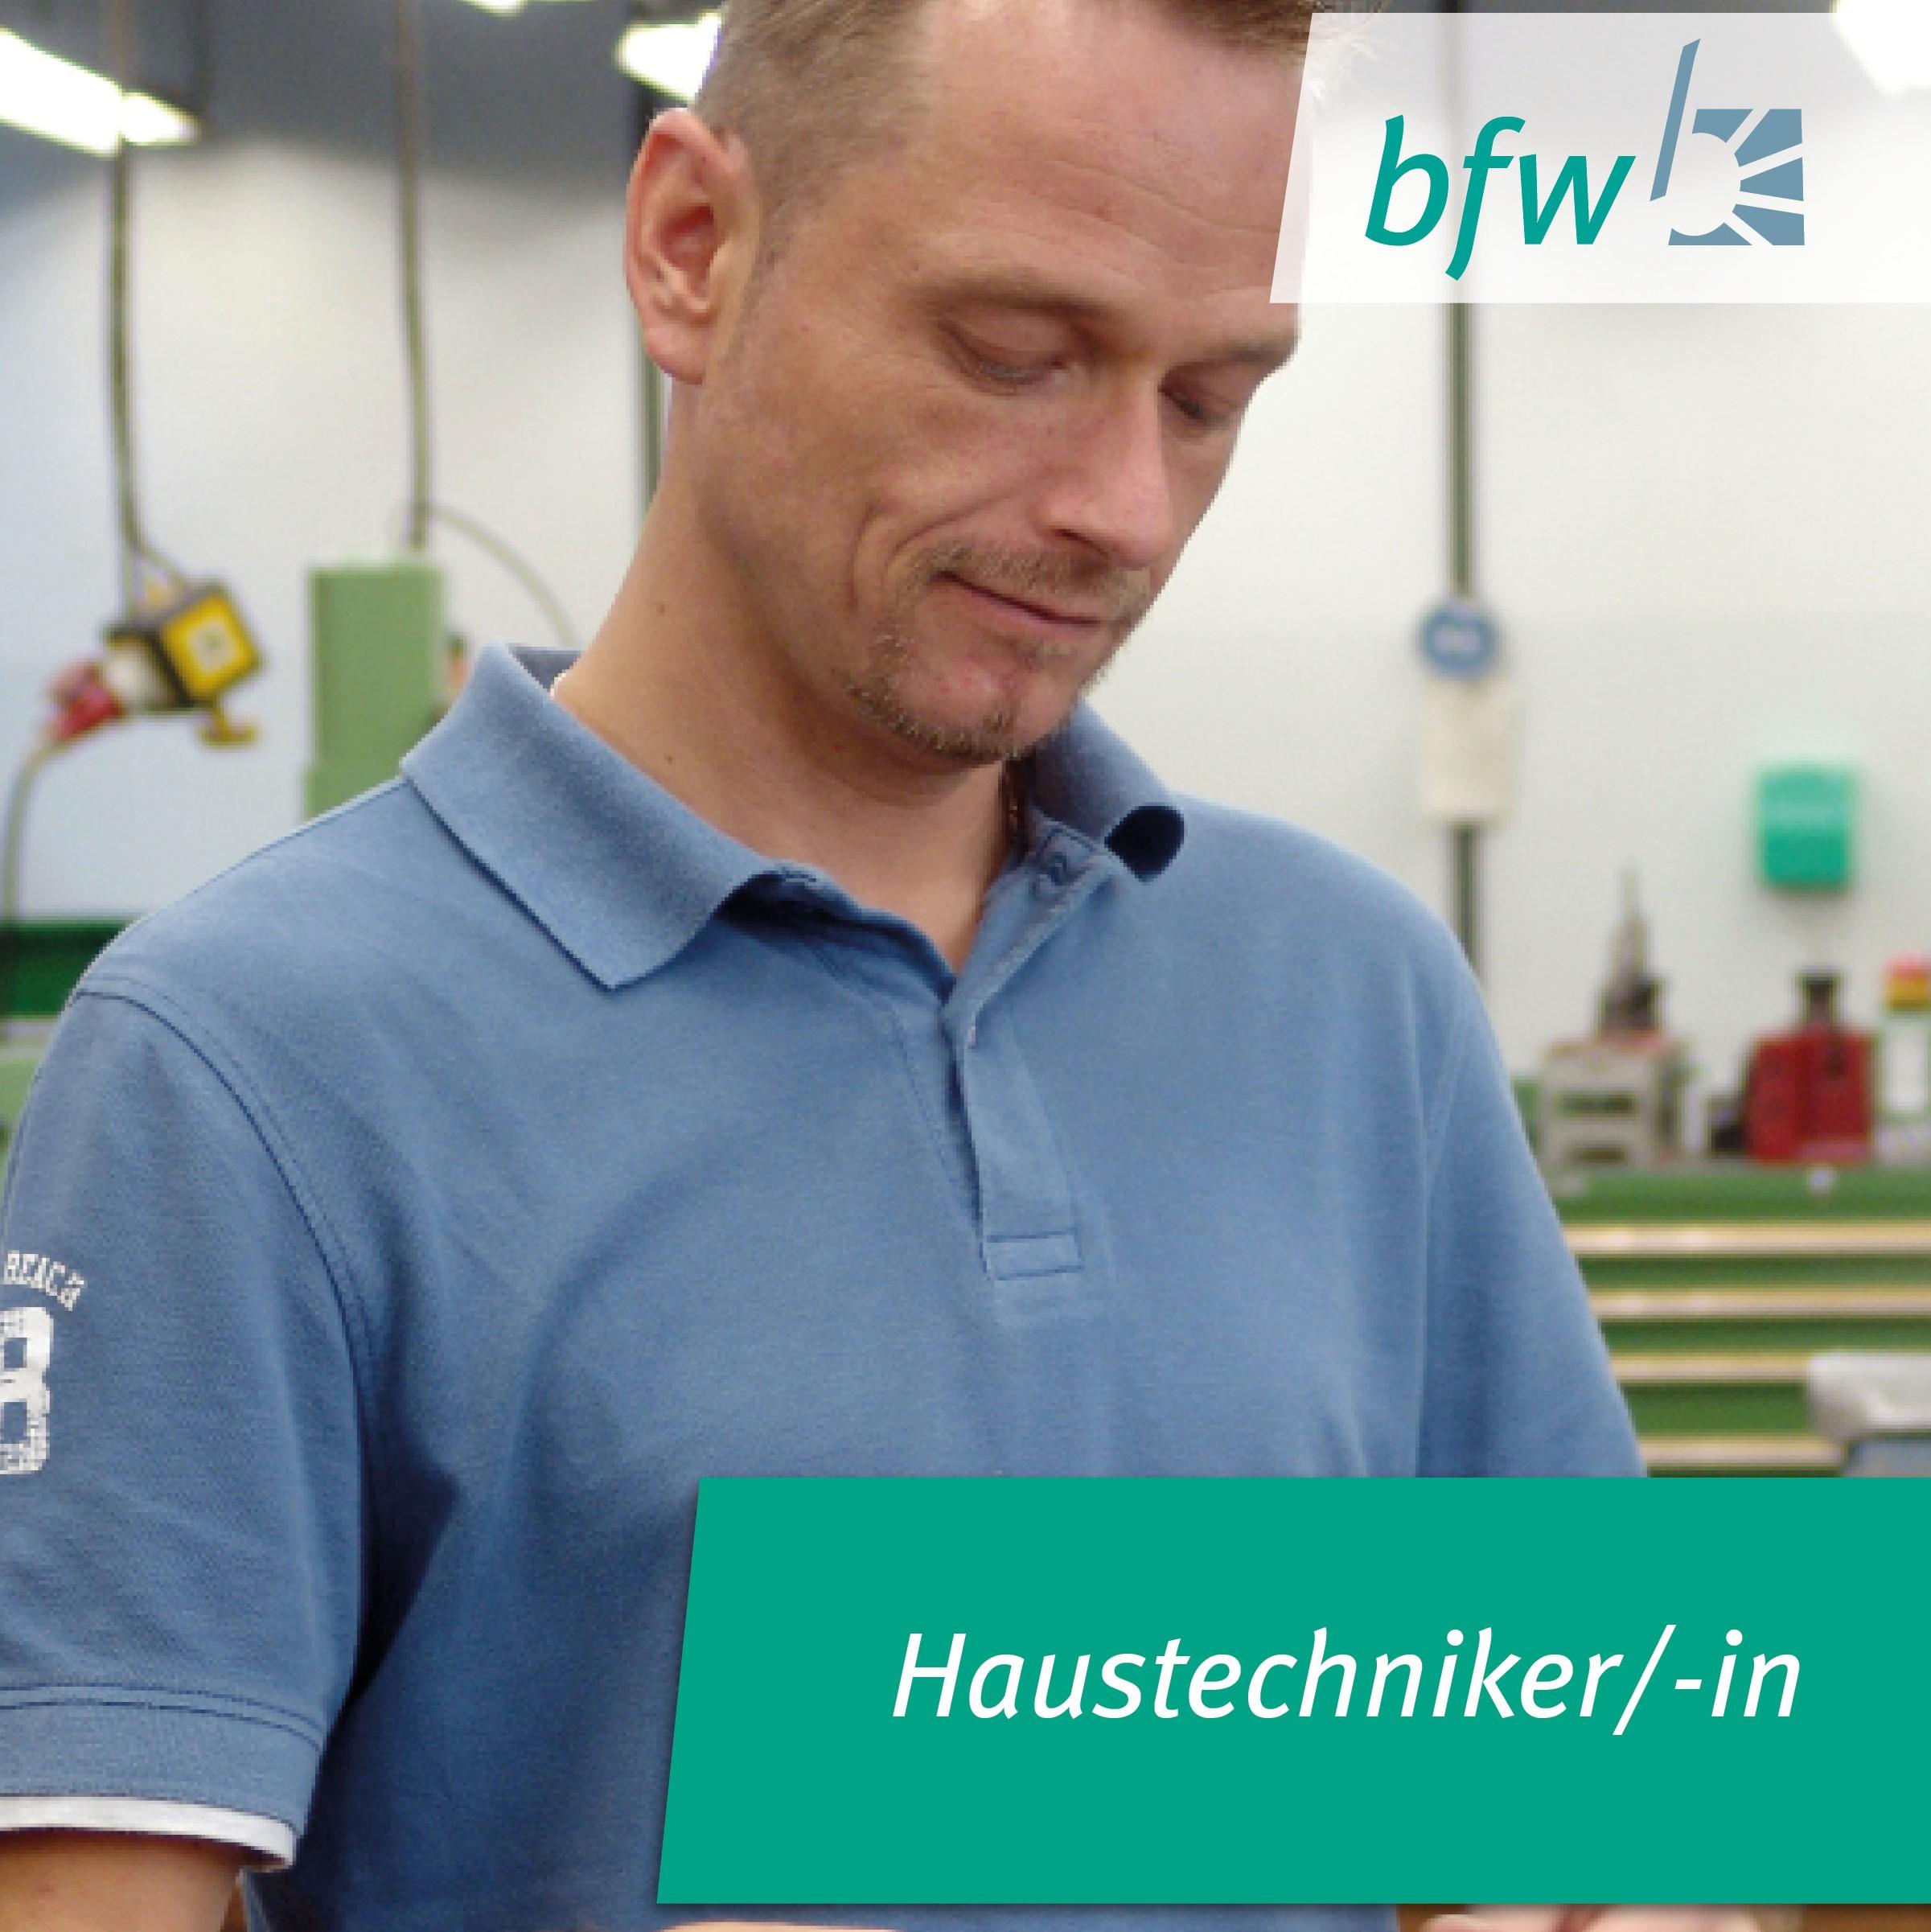 Haustechniker/-in Image